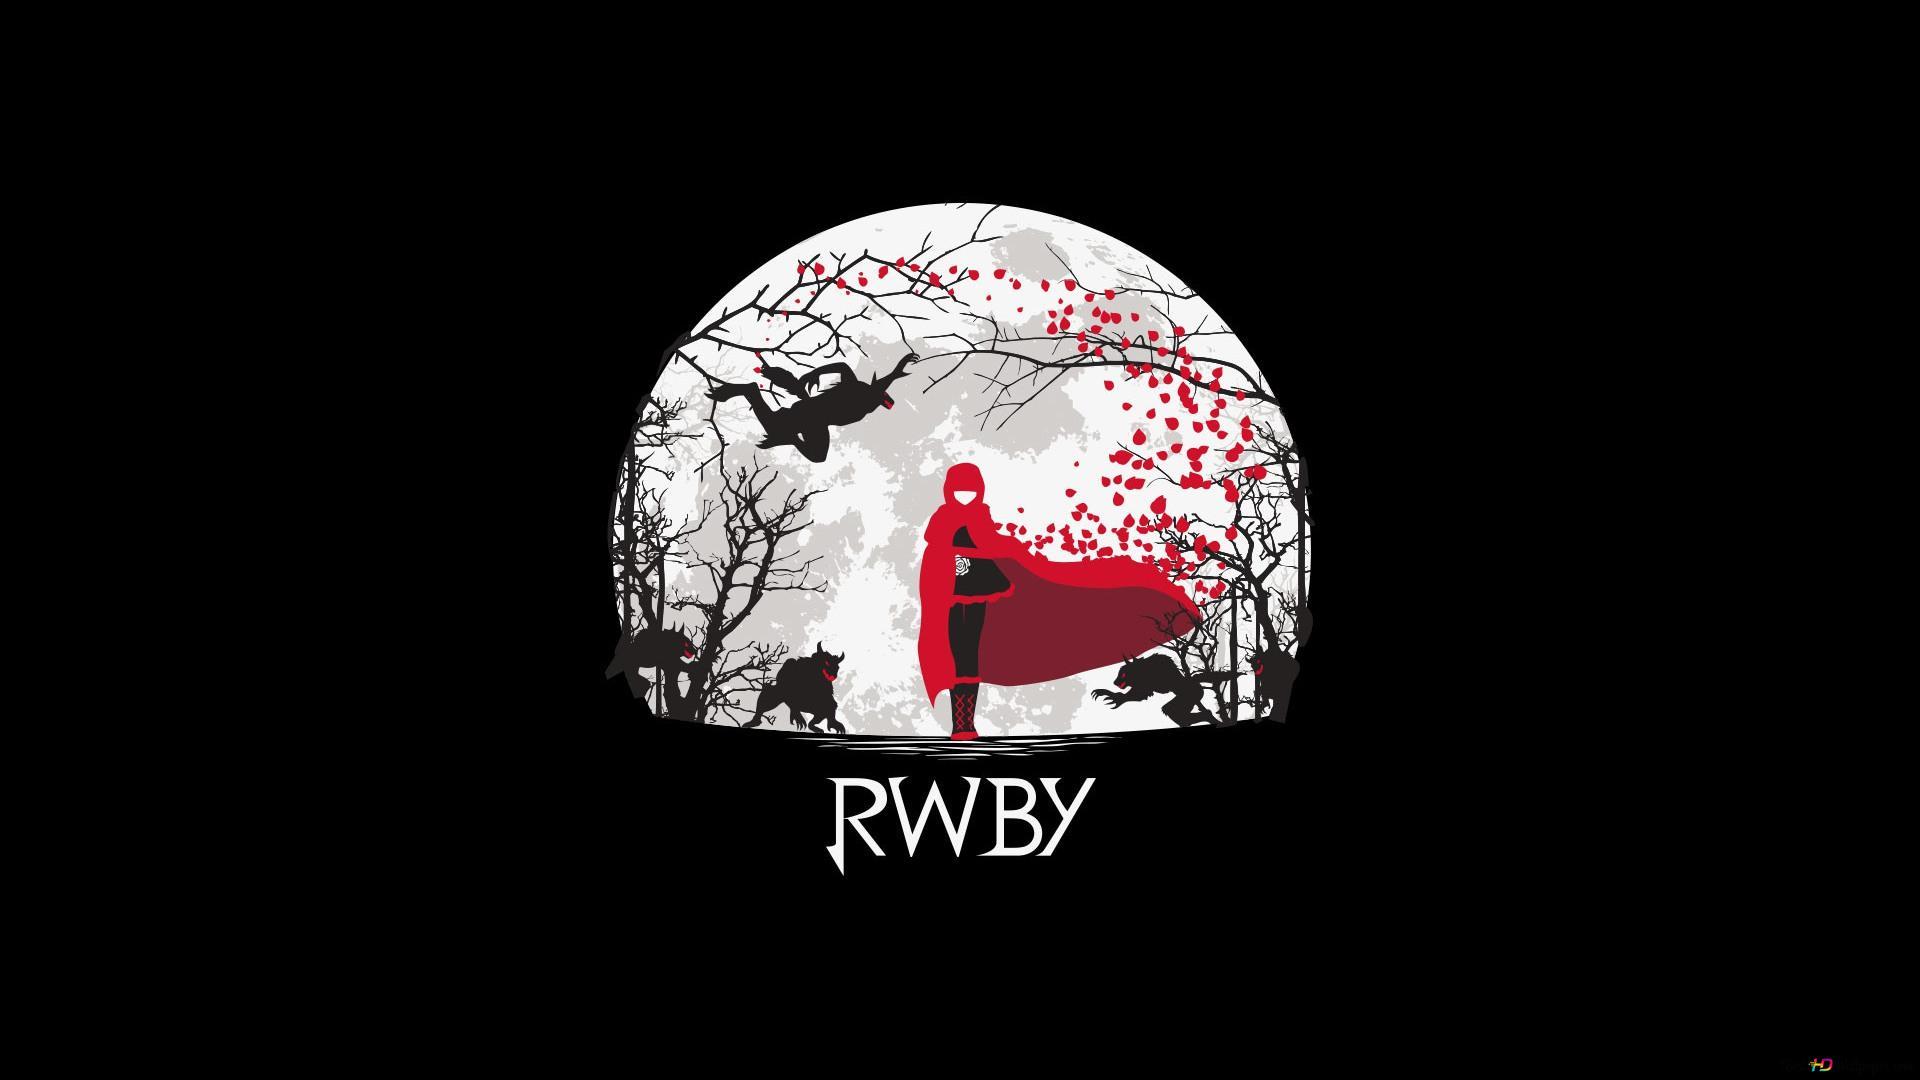 Rwby ルビーローズ 満月の夜 Hd壁紙のダウンロード